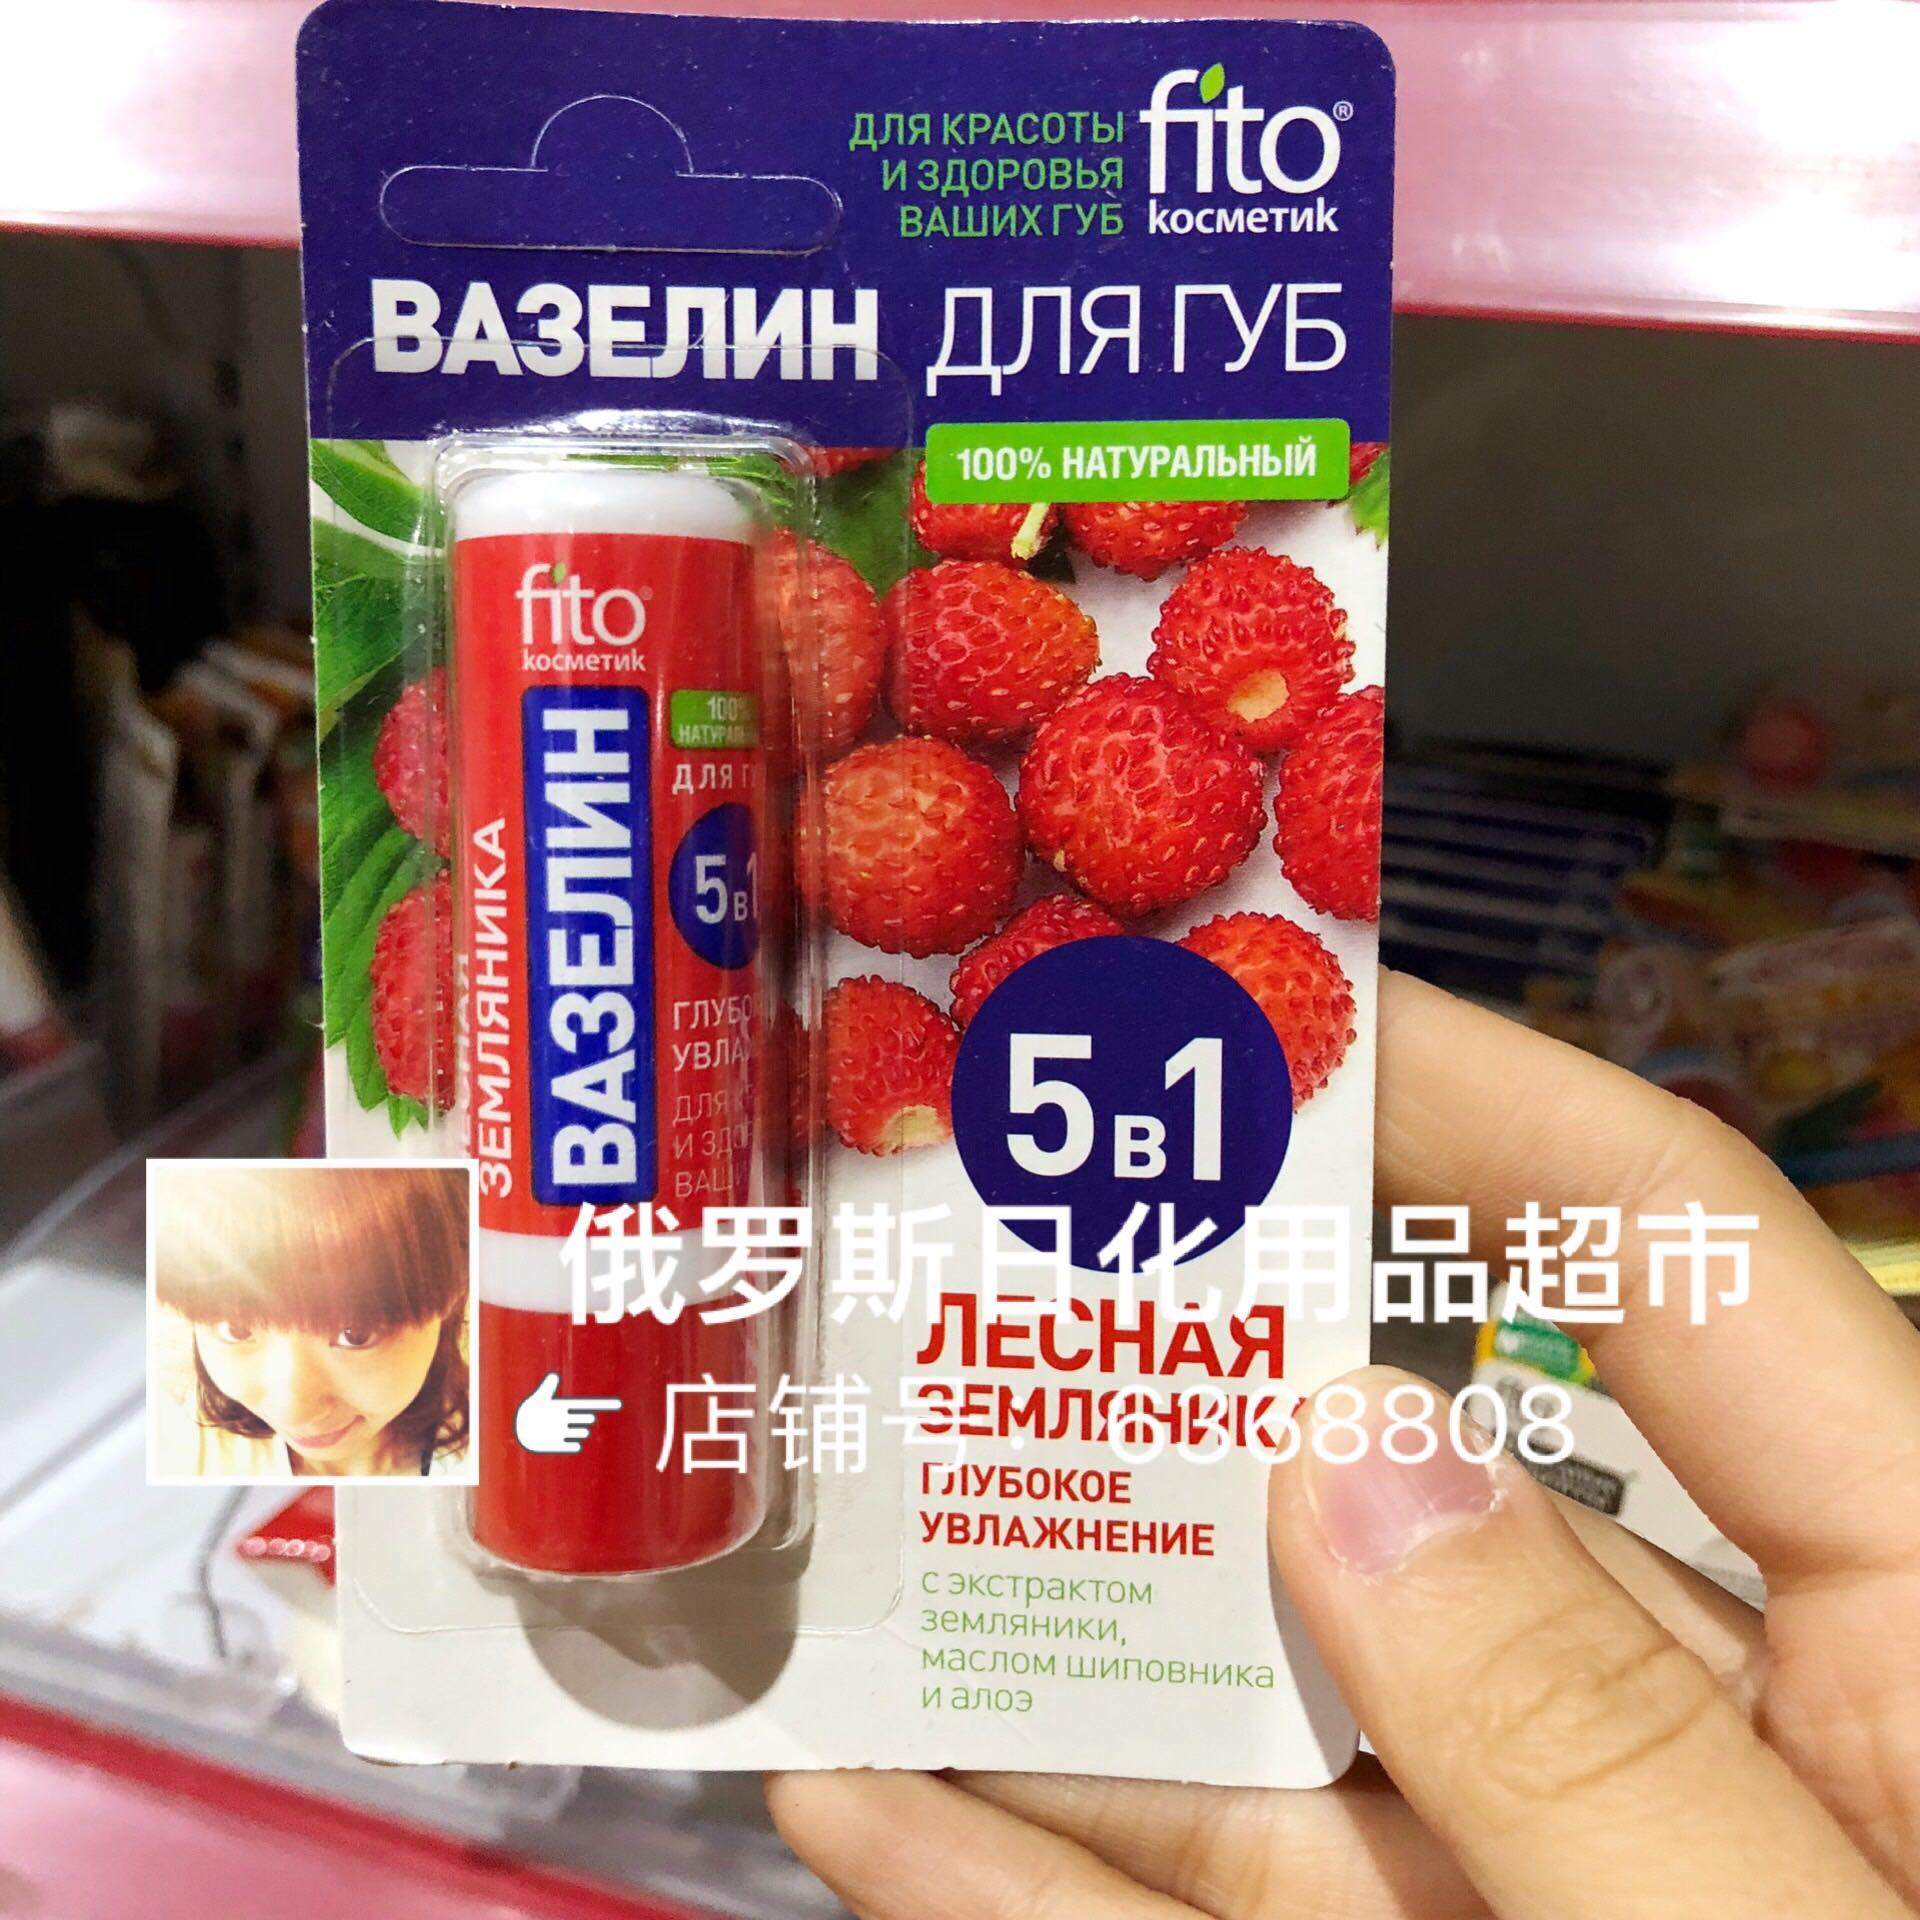 俄罗斯fito凡士林润唇膏草莓野蔷薇手慢无